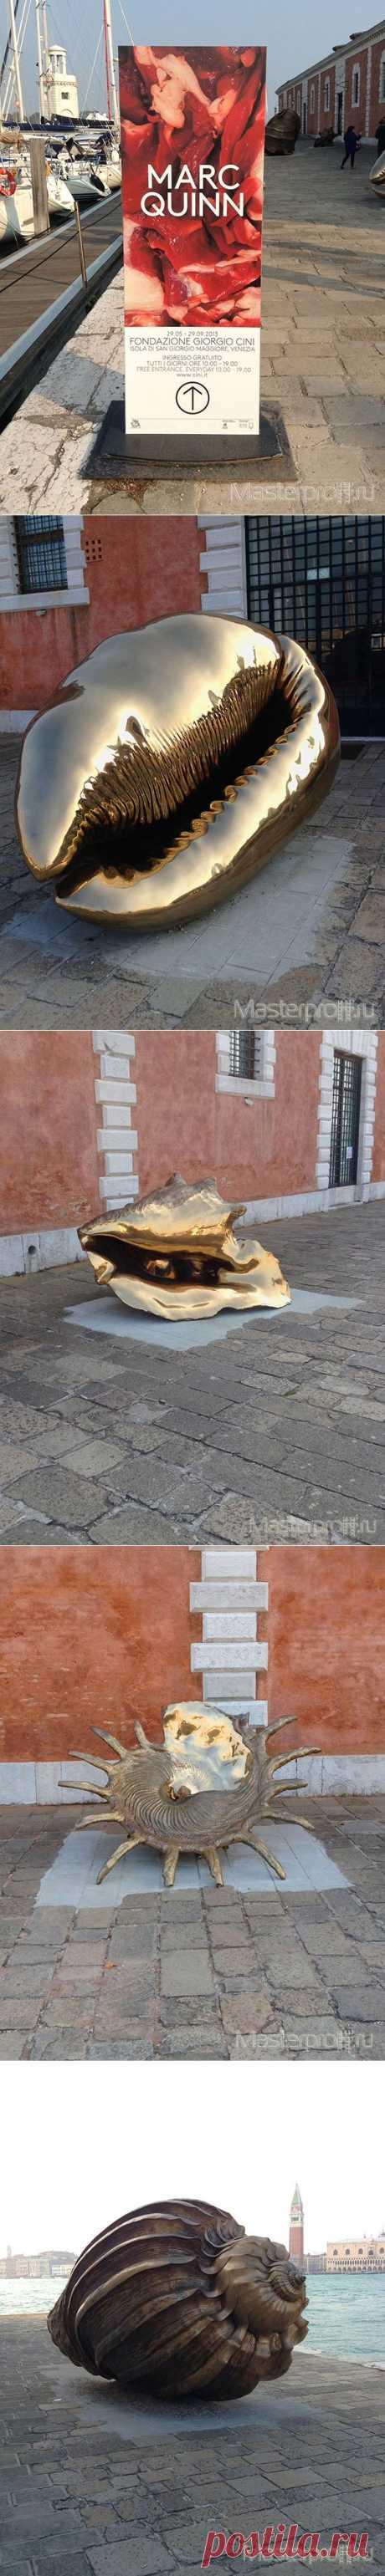 Ракушки Марка Куинна на Венецианском биеннале    55-й Венецианская биеннале прошла в 2013 году. Во время выставки весь город становится огромной площадкой для самых разных арт-объектов. В этот раз самыми яркими из них были гигантские ракушки созданные скульптором Марком Куинном (Marc Quinn).